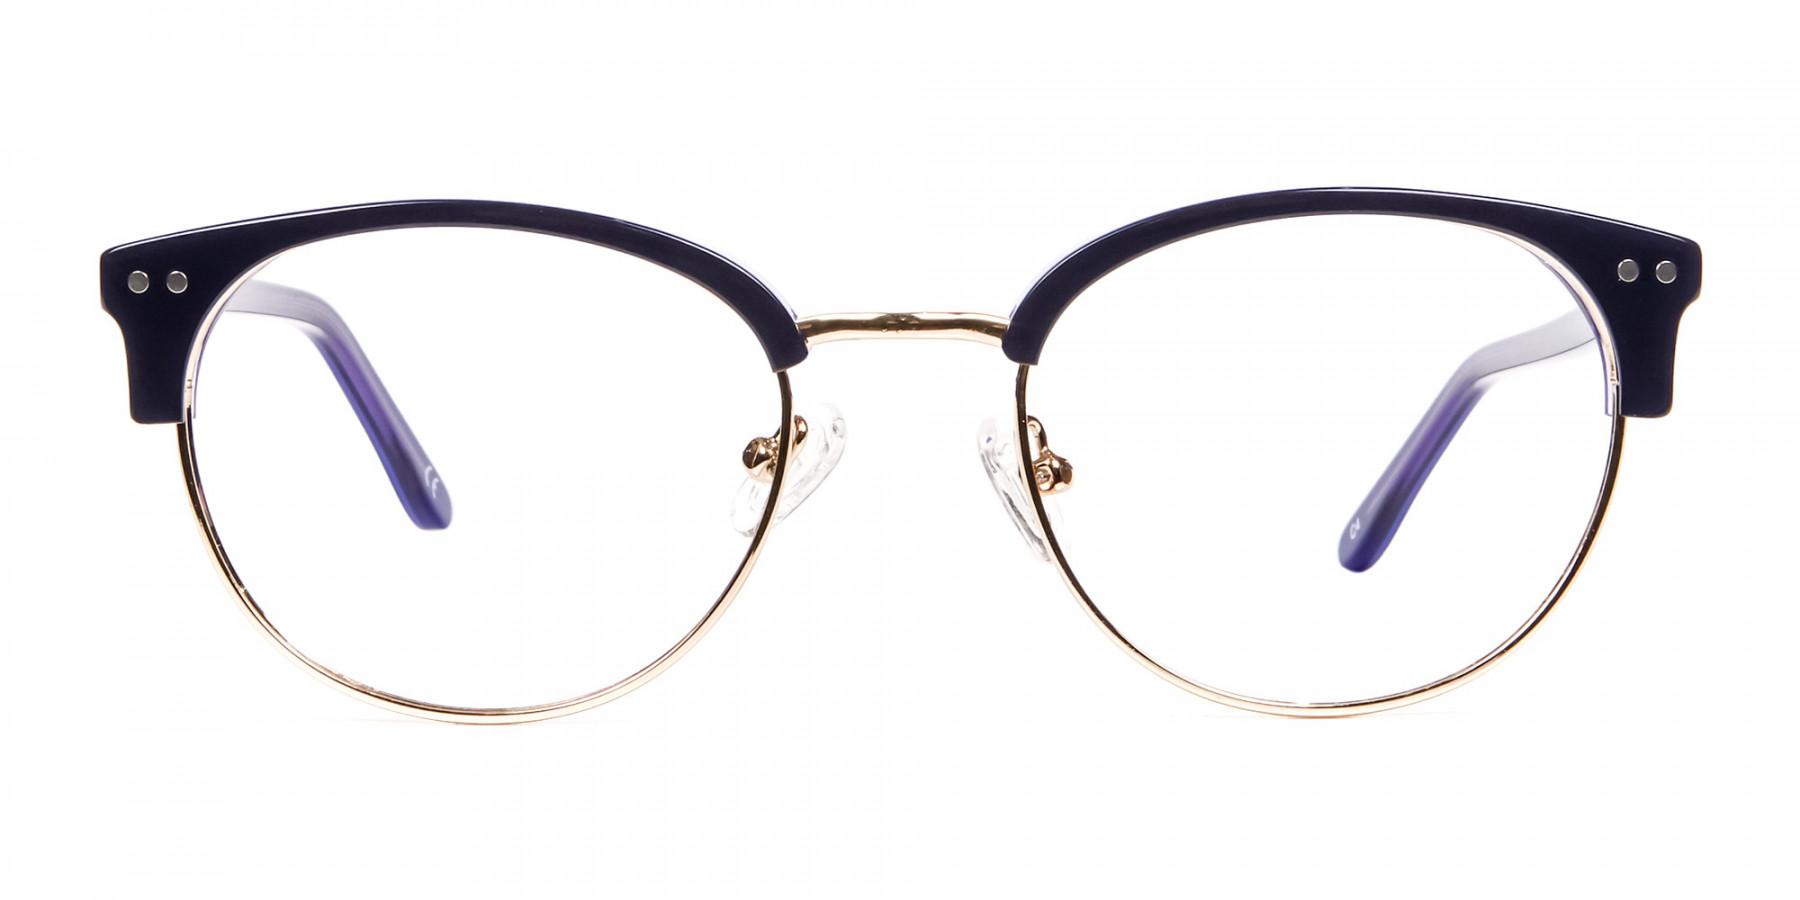 Violet Black Eyeglasses -1